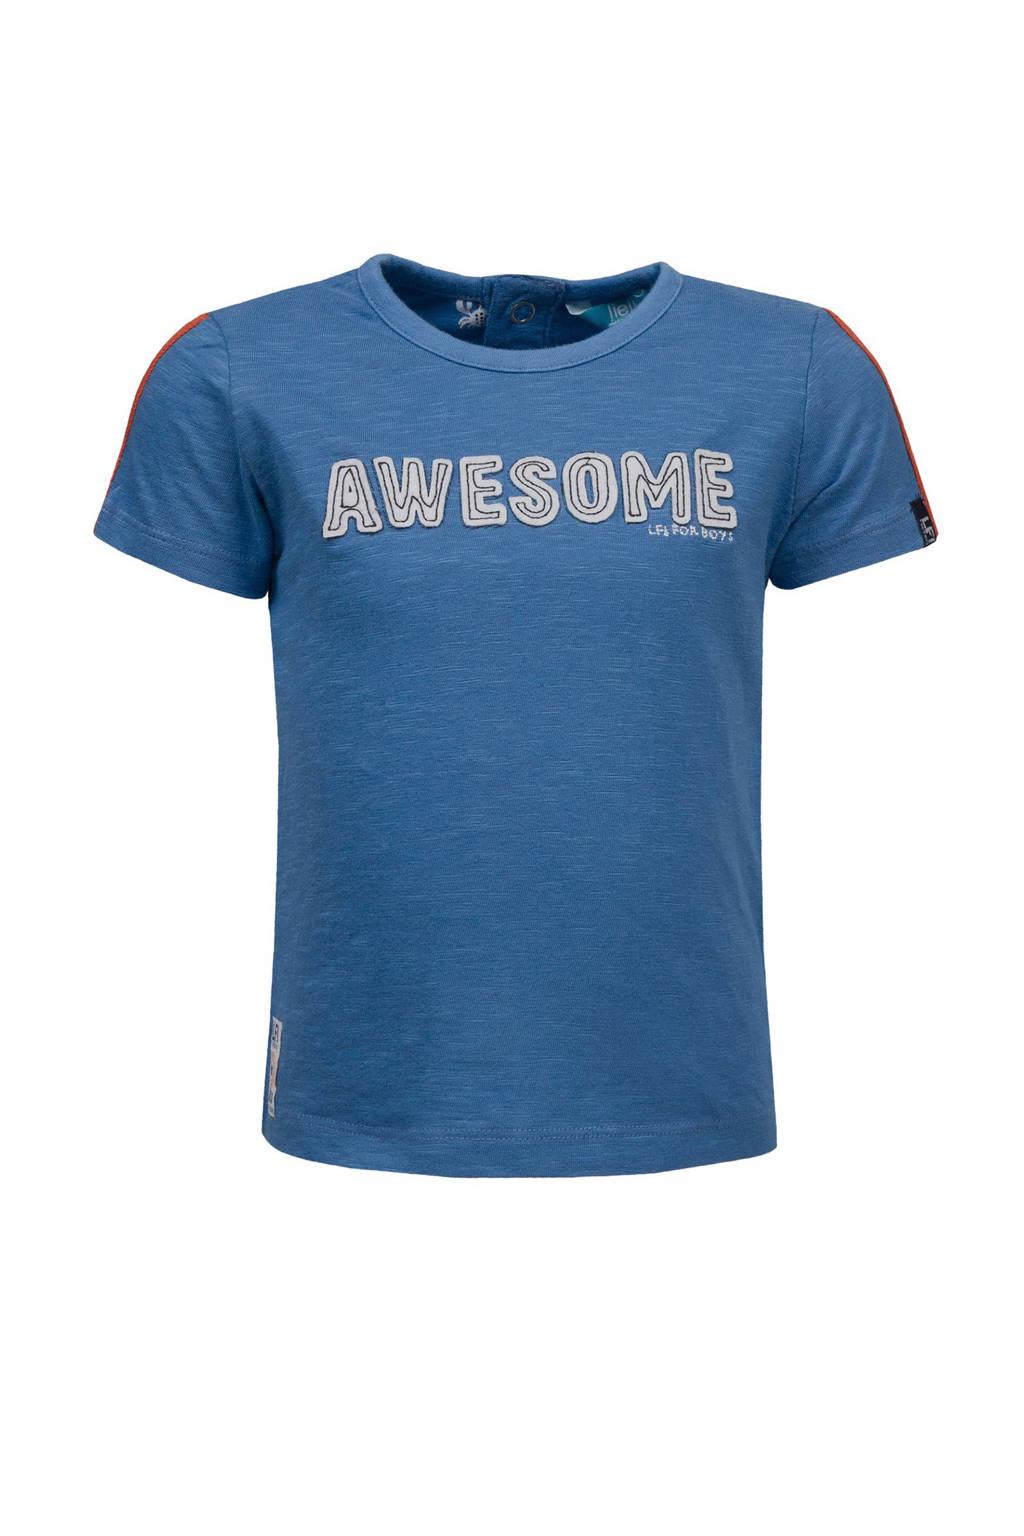 lief! T-shirt met tekst, Blauw